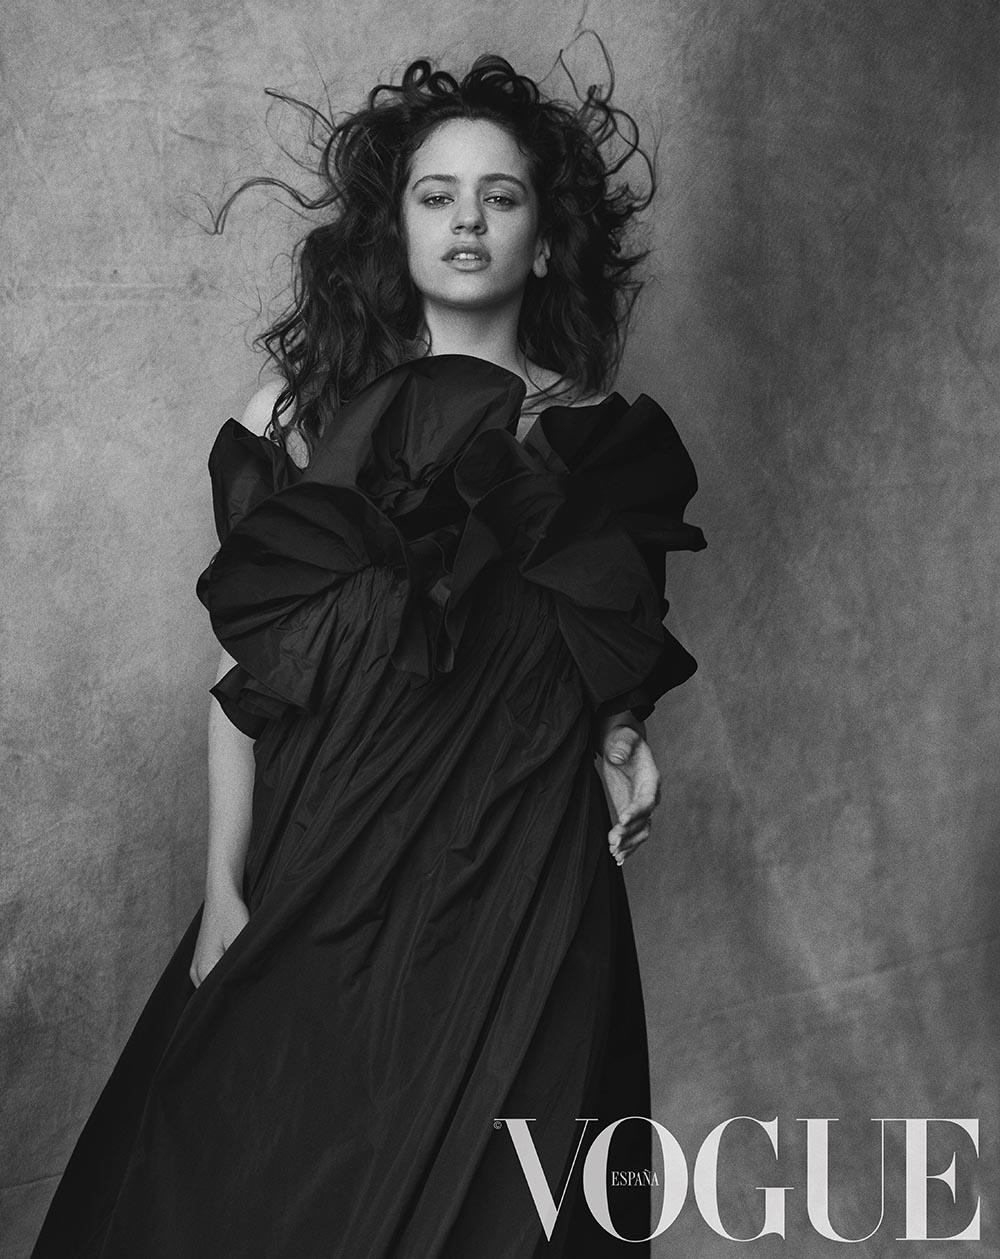 Vogue julio_Rosalía por Peter Lindbergh_ vestido de The 2nd Skin Co_ anillos Aristocrazy